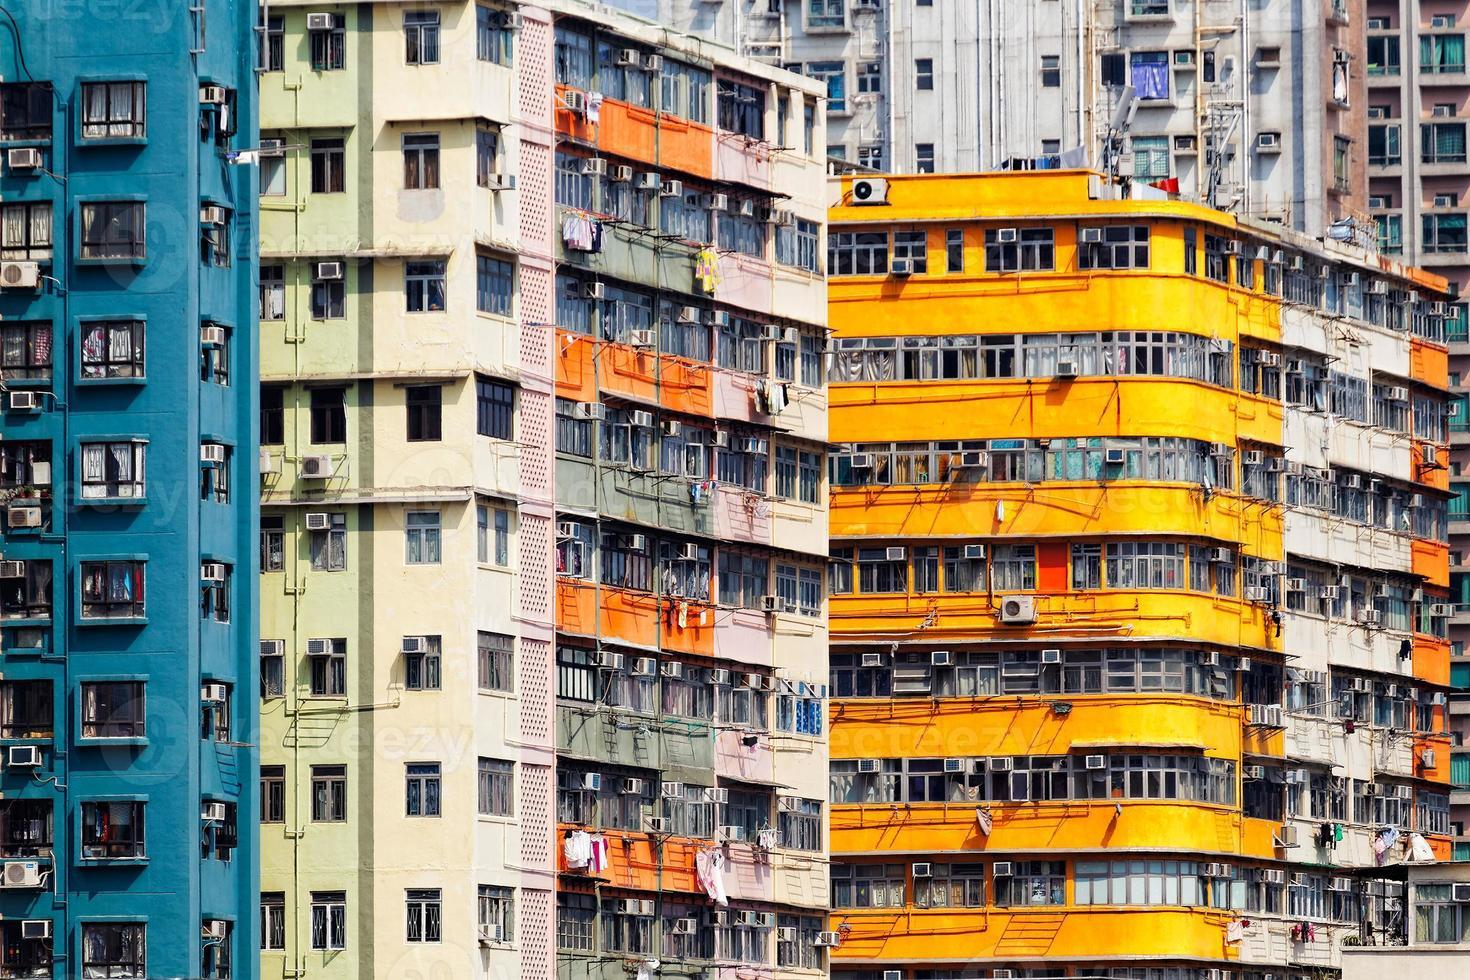 apartamentos antigos em hong kong foto